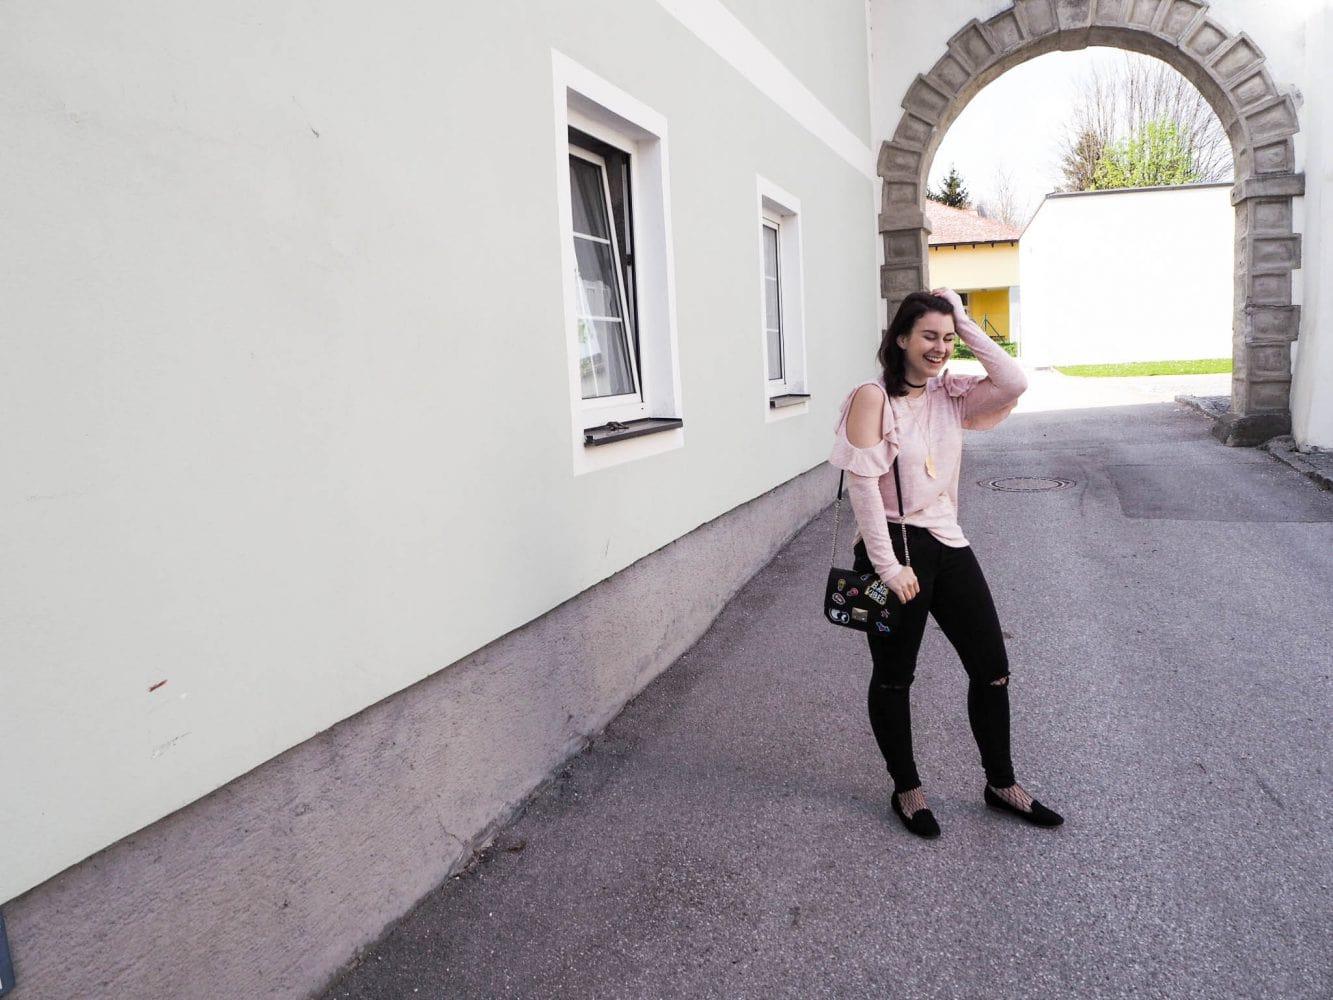 The Resting Bitchface | Ihr dürft auch mal lächeln, liebe Blogger.